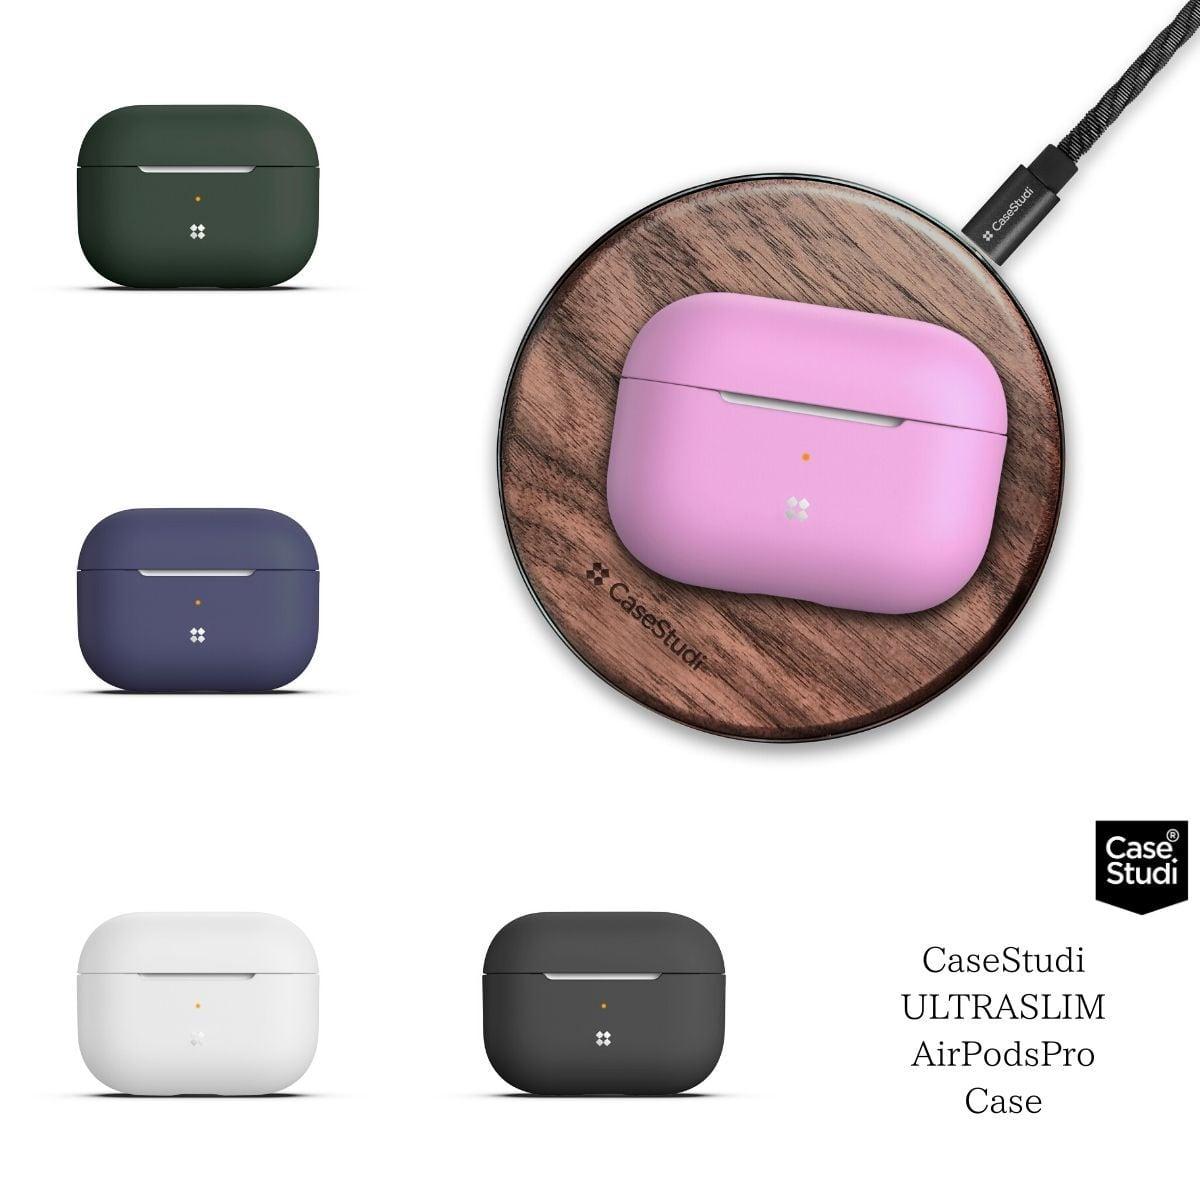 Apple AirPodsPro ケース シリコン エアーポッズプロ カバー  MWP22J/A  薄型 シンプル CaseStudi ケーススタディ ワイヤレスイヤホン